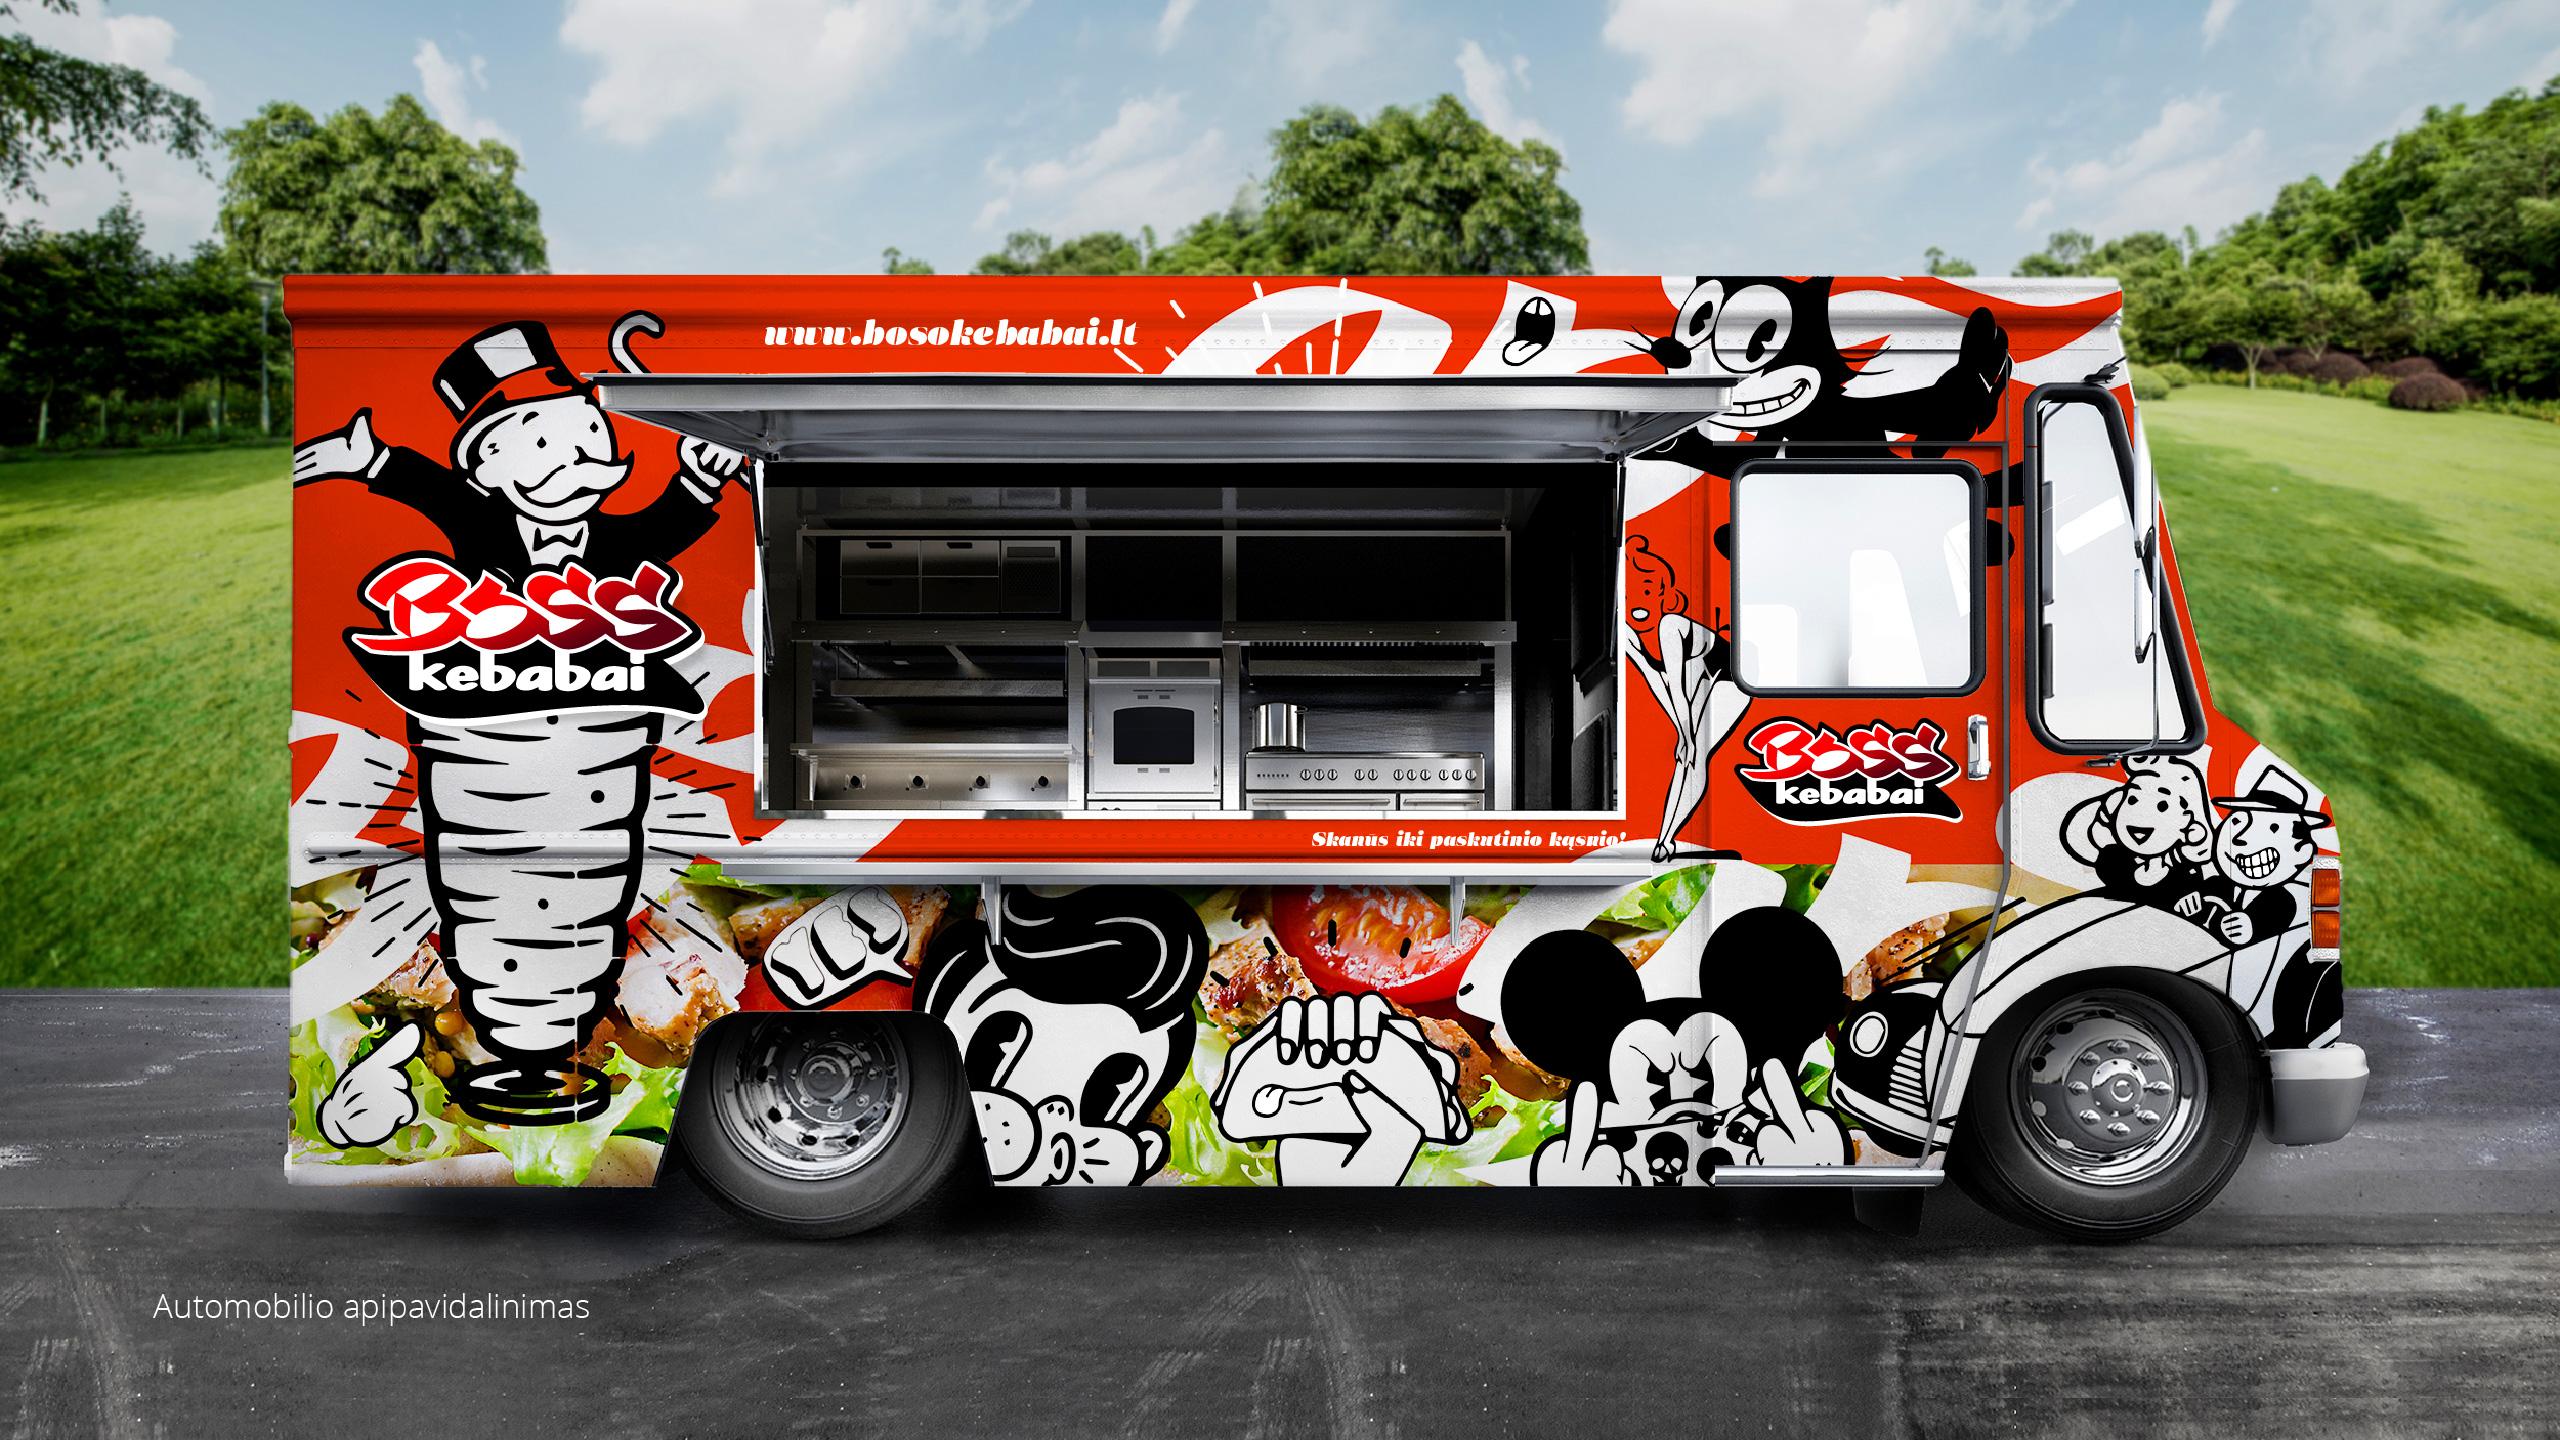 BOSS kebabai 8 branding - Logobou Desing